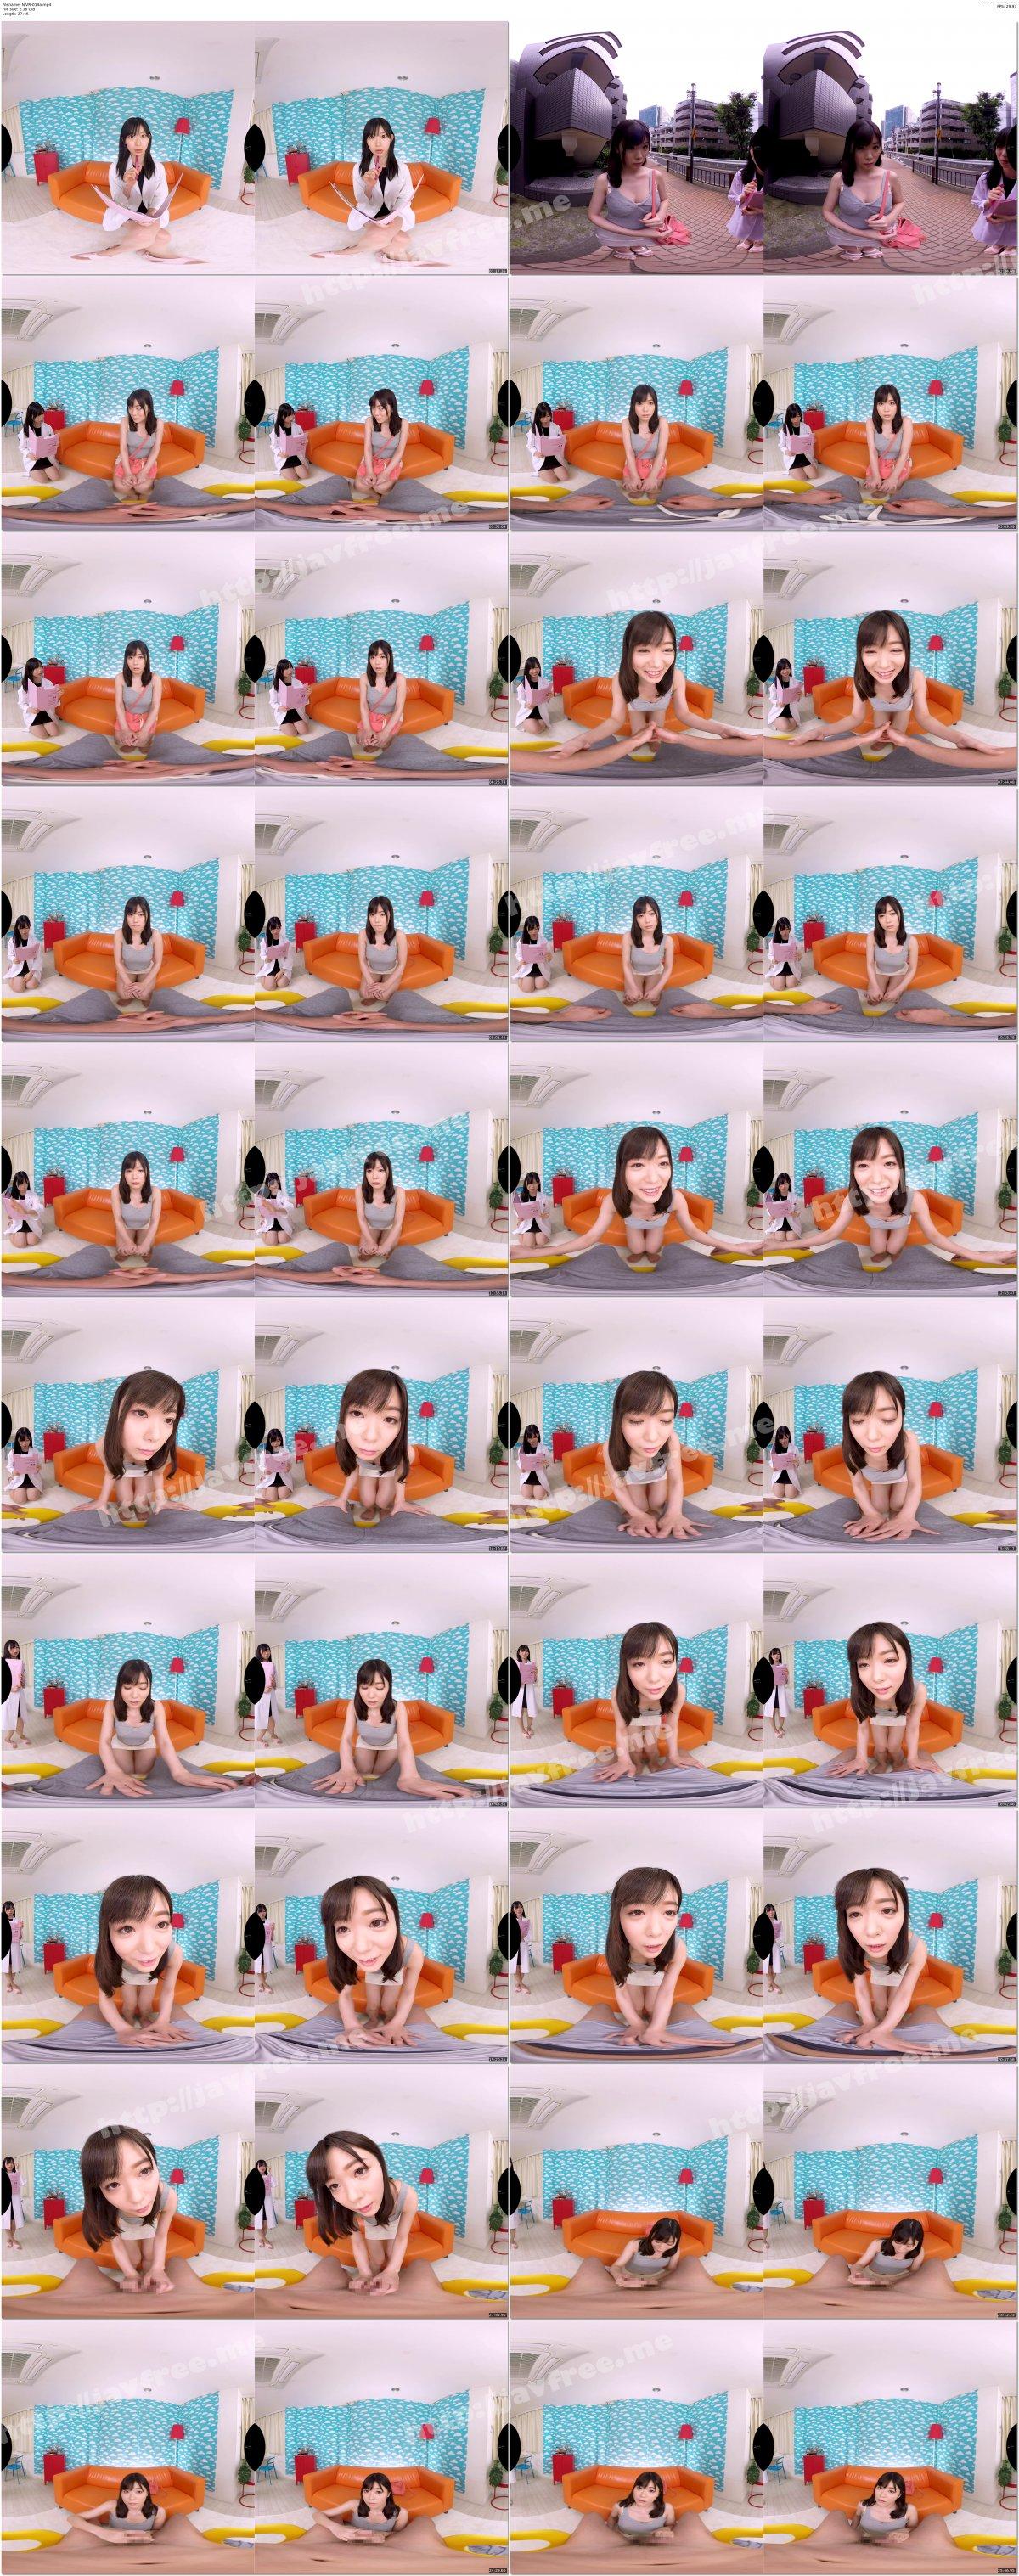 [NJVR-014] 【VR】2タイトル収録!ナンパJAPAN人気シリーズ童貞筆おろし体験VR 優しすぎるお姉さんは自慢のおっぱいでパイズリ射精!だけのつもりが童貞喪失筆おろしセックスまでしてくれました。 - image NJVR-014a on https://javfree.me